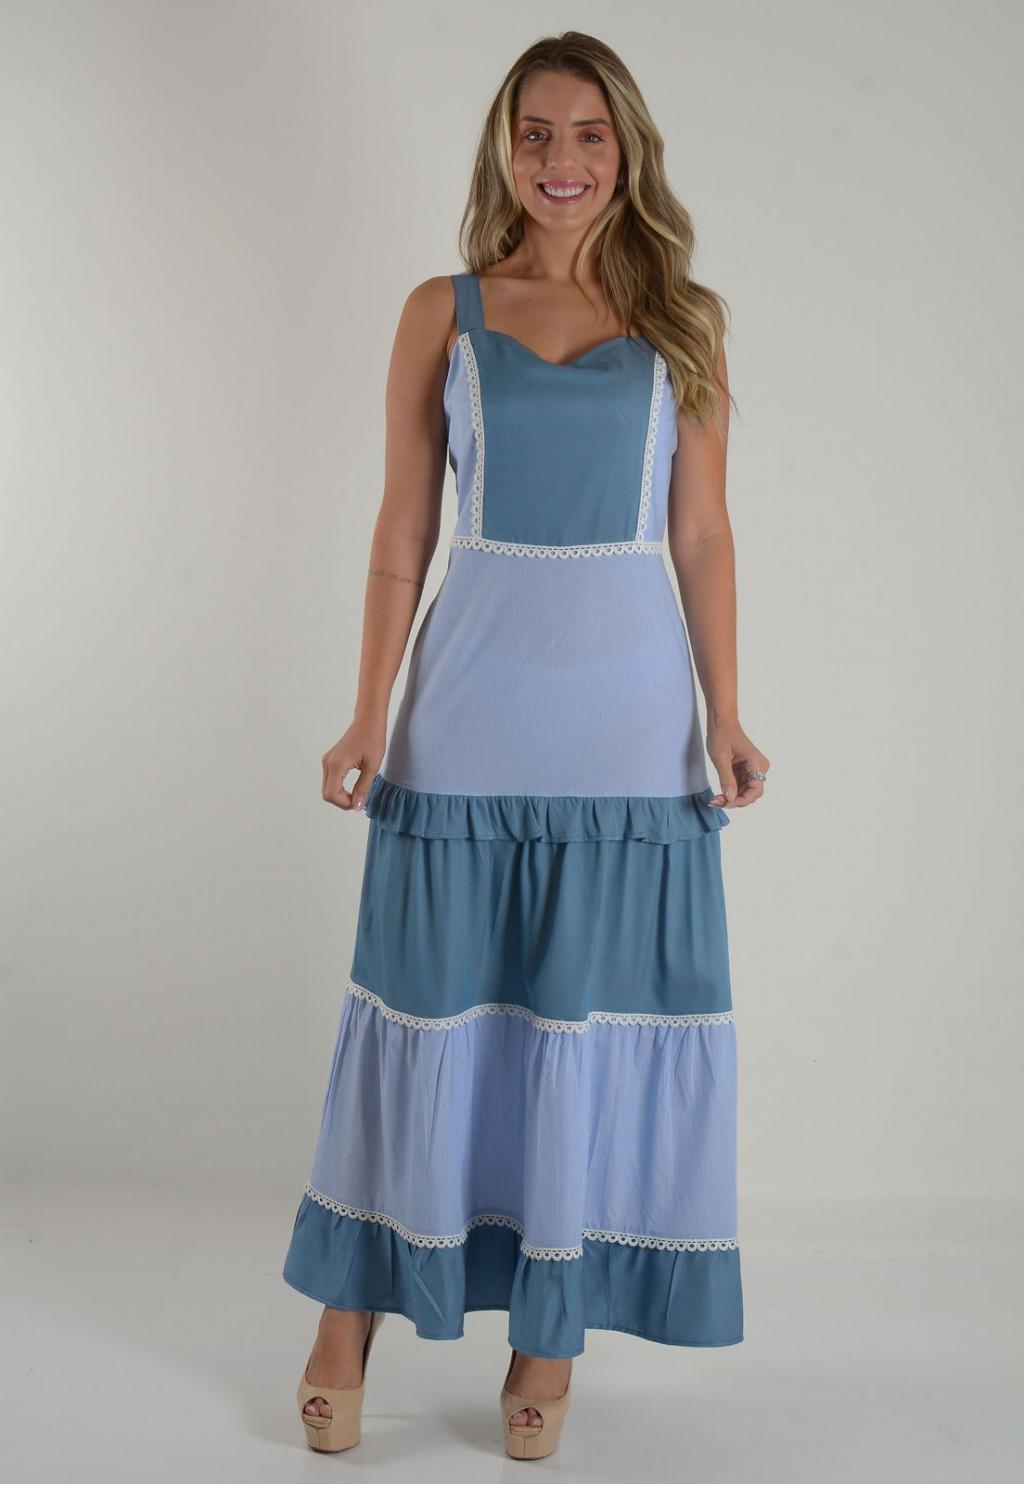 Vestido Mamorena longuete chambrey com recortes listrados